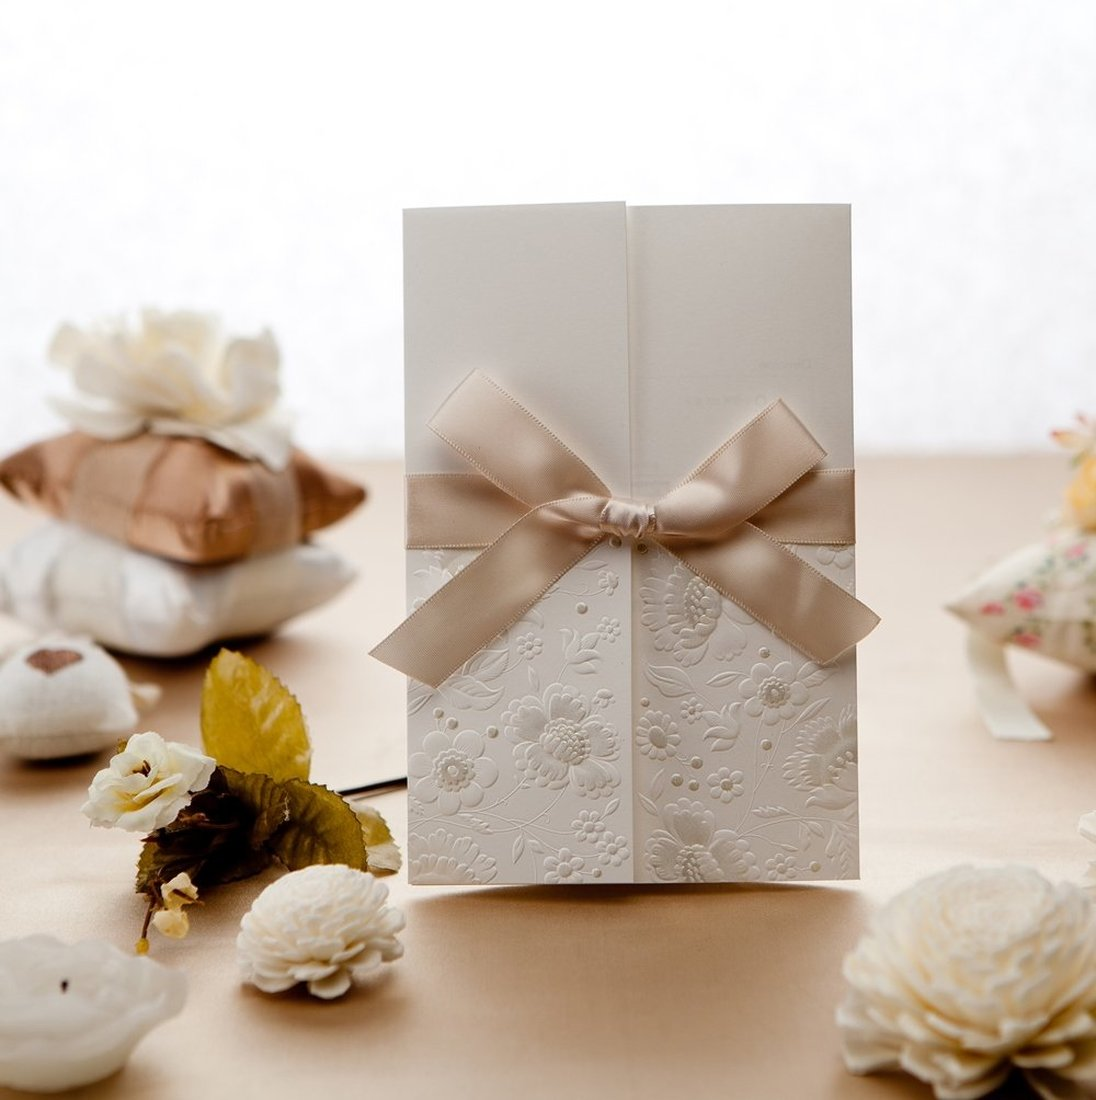 50 Pcs Tri-fold Elegante Do Vintage Em Relevo Cartão de Convite de Casamento, cartão de Aniversário com Envelope e Fita Bowknot Projeto acrílico